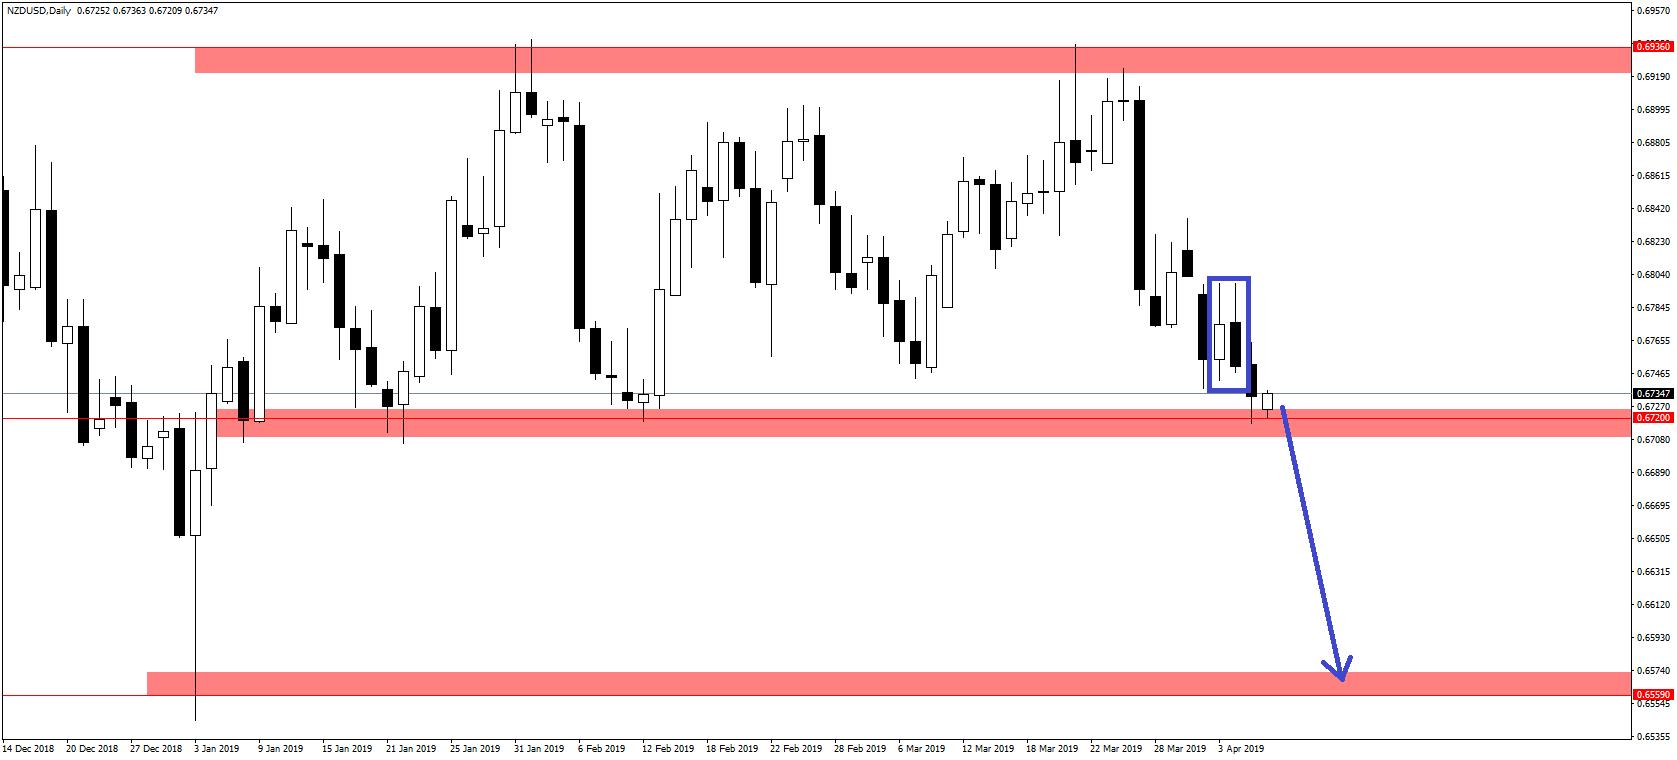 Chiến lược giao dịch EUR/USD, NZD/USD và Vàng trong tuần từ 08/04 - 12/04/2019